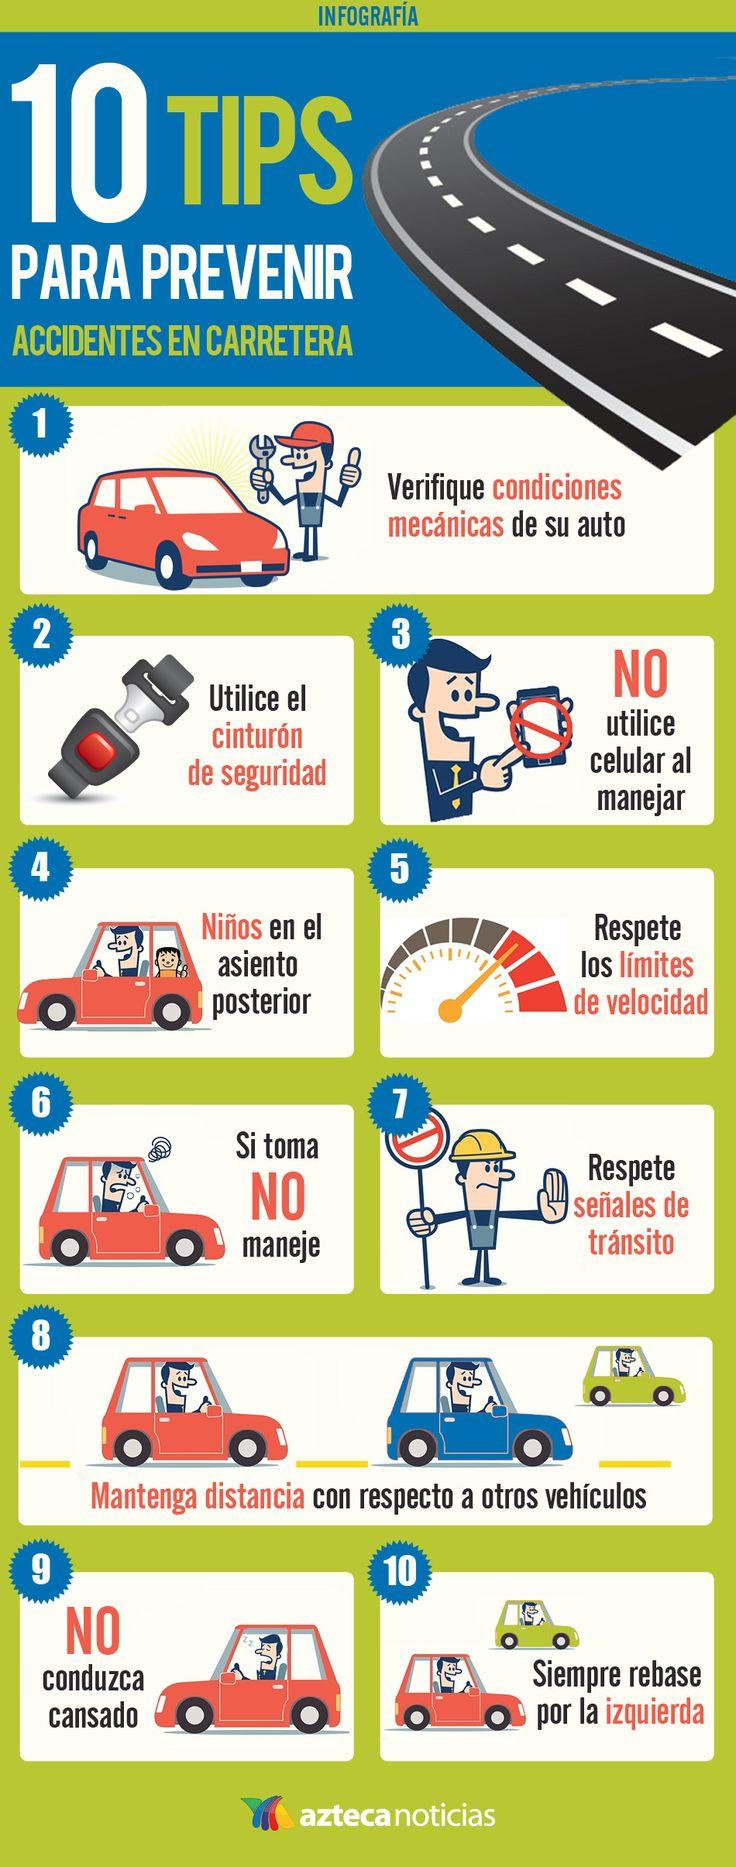 10 tips para prevenir accidentes en carrtera